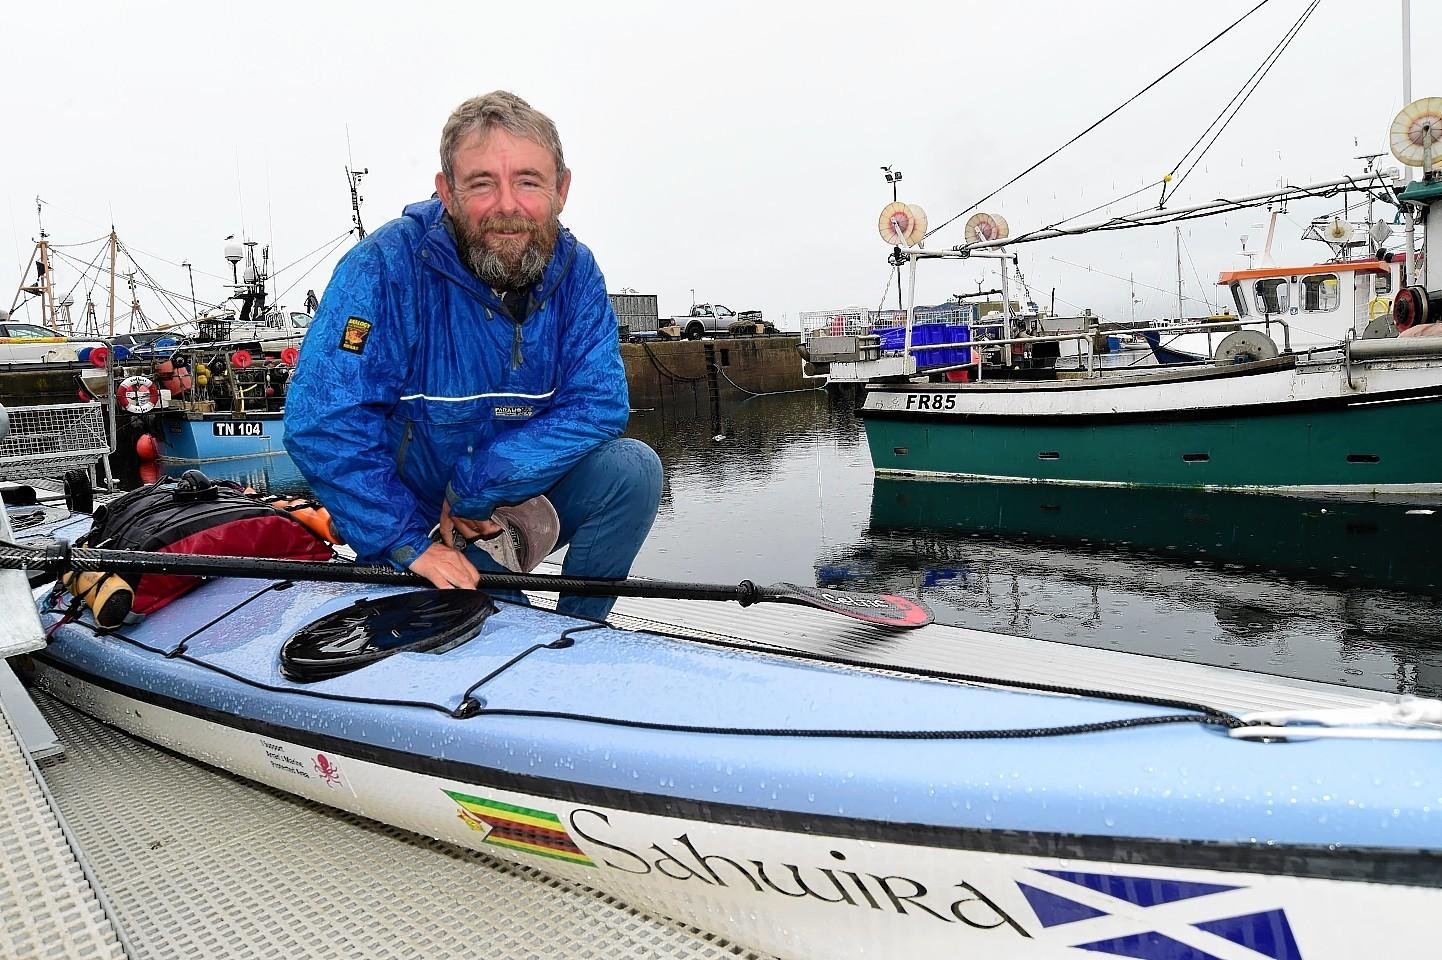 Nick Ray and his sea kayak